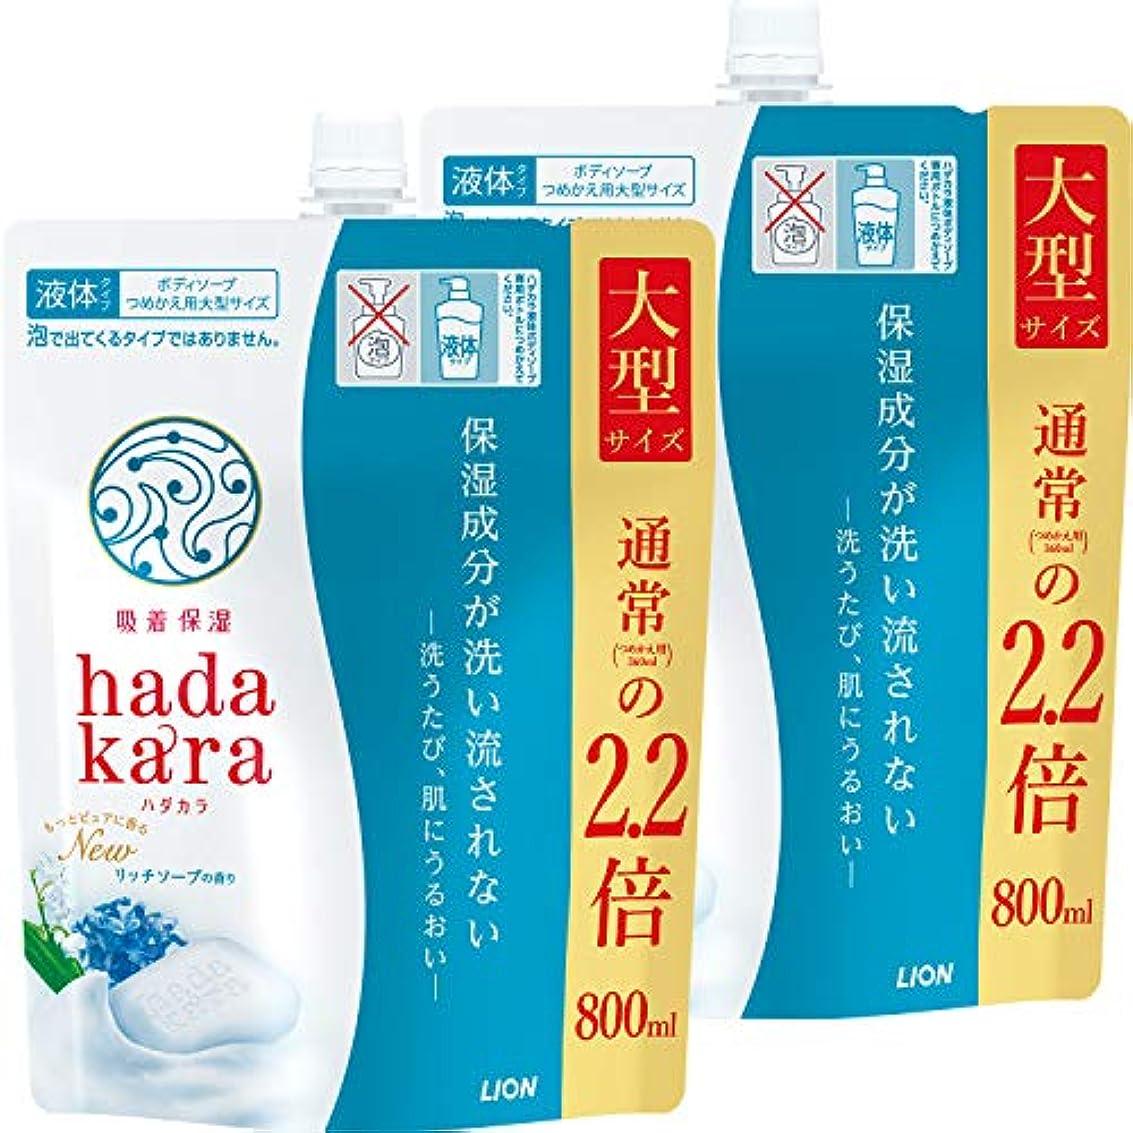 証書泣く群れhadakara(ハダカラ) ボディソープ リッチソープの香り つめかえ用大型サイズ 800ml×2個